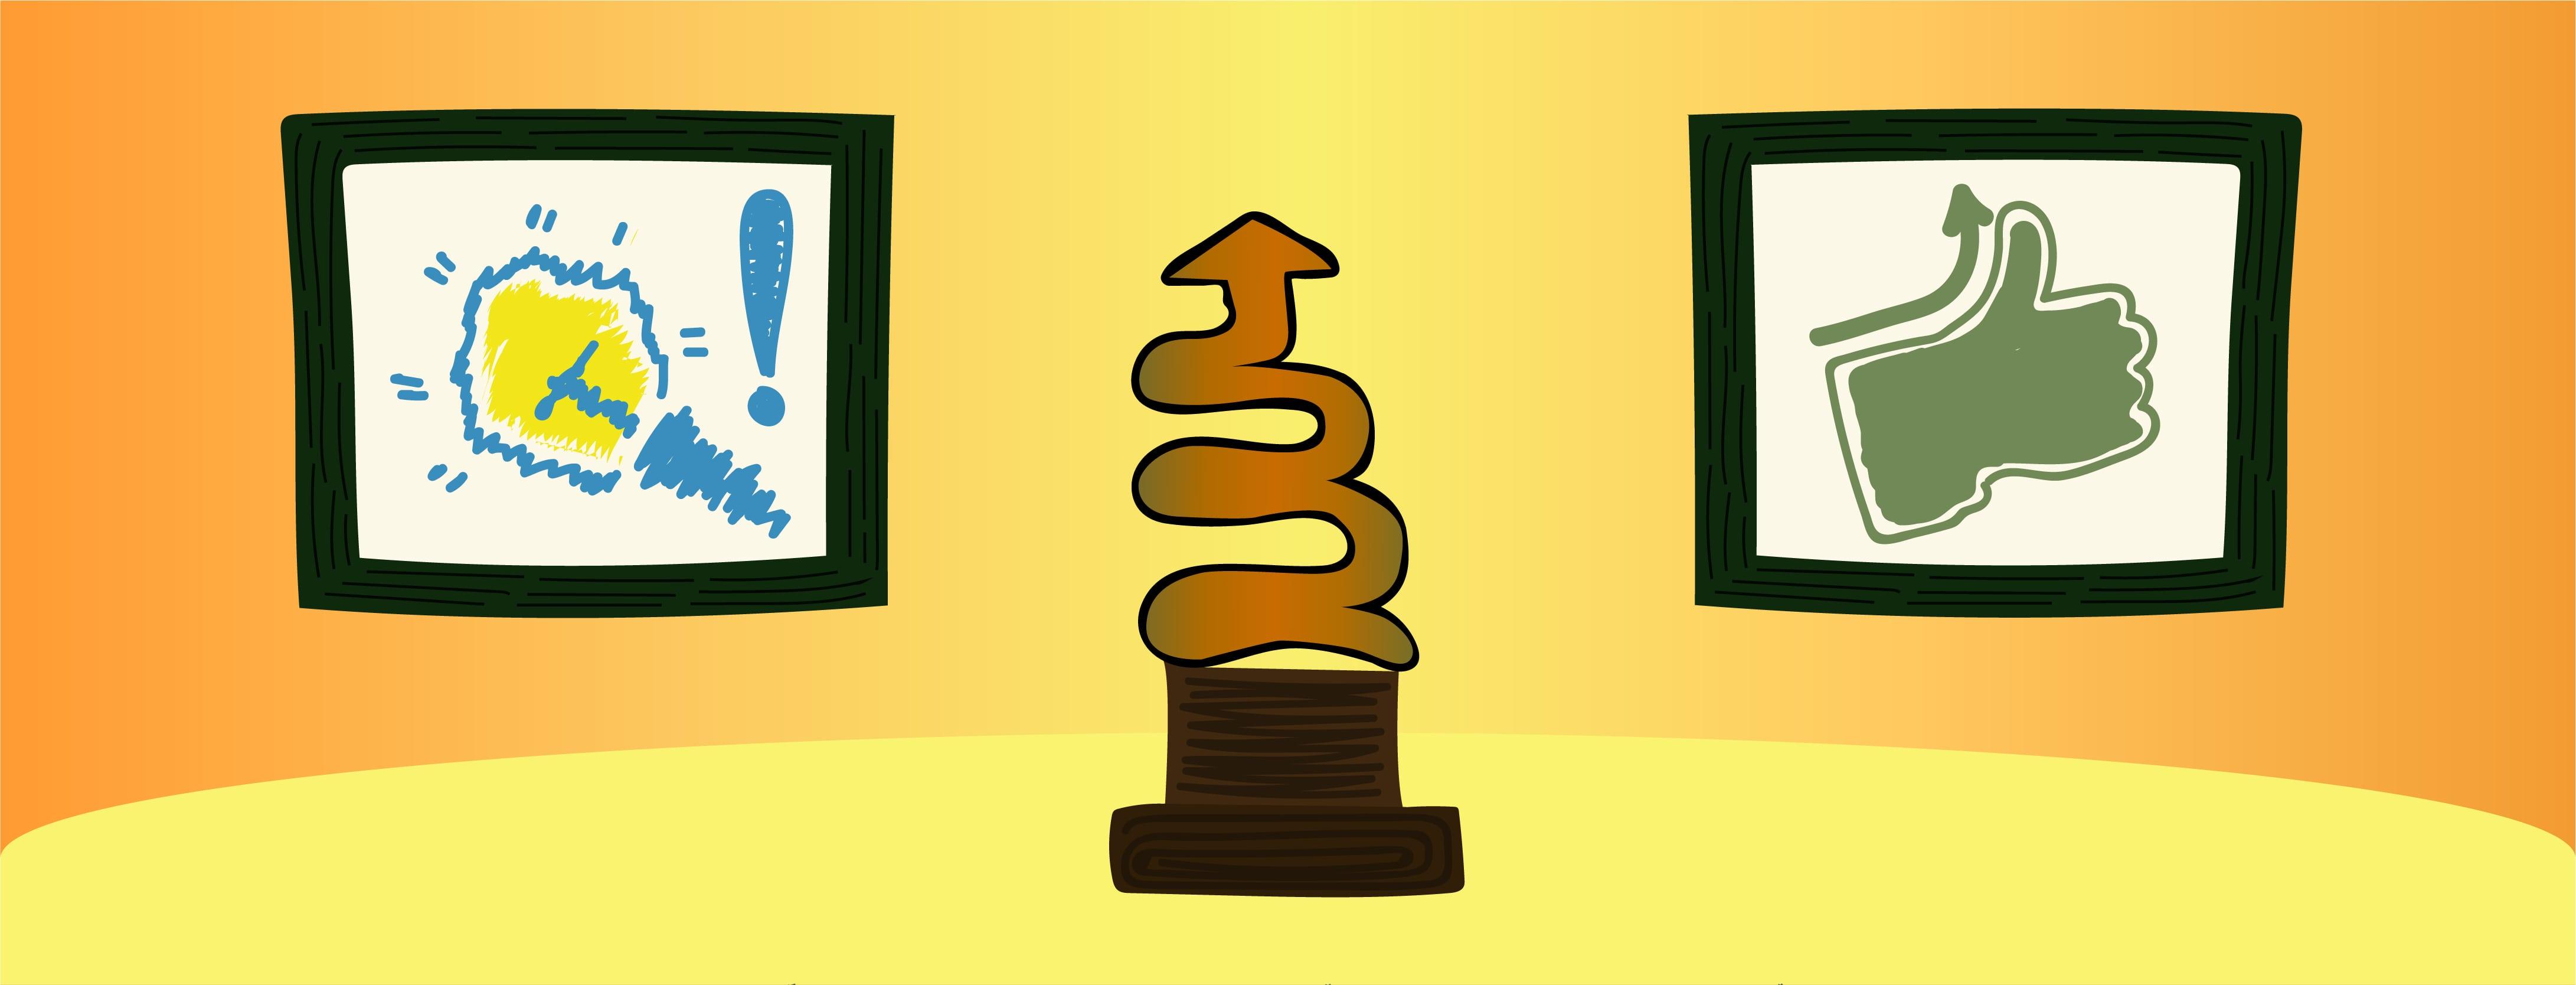 lienzo de modelo de negocio, modelo de negocio canvas ejemplo, ejemplo de modelo de negocio canvas